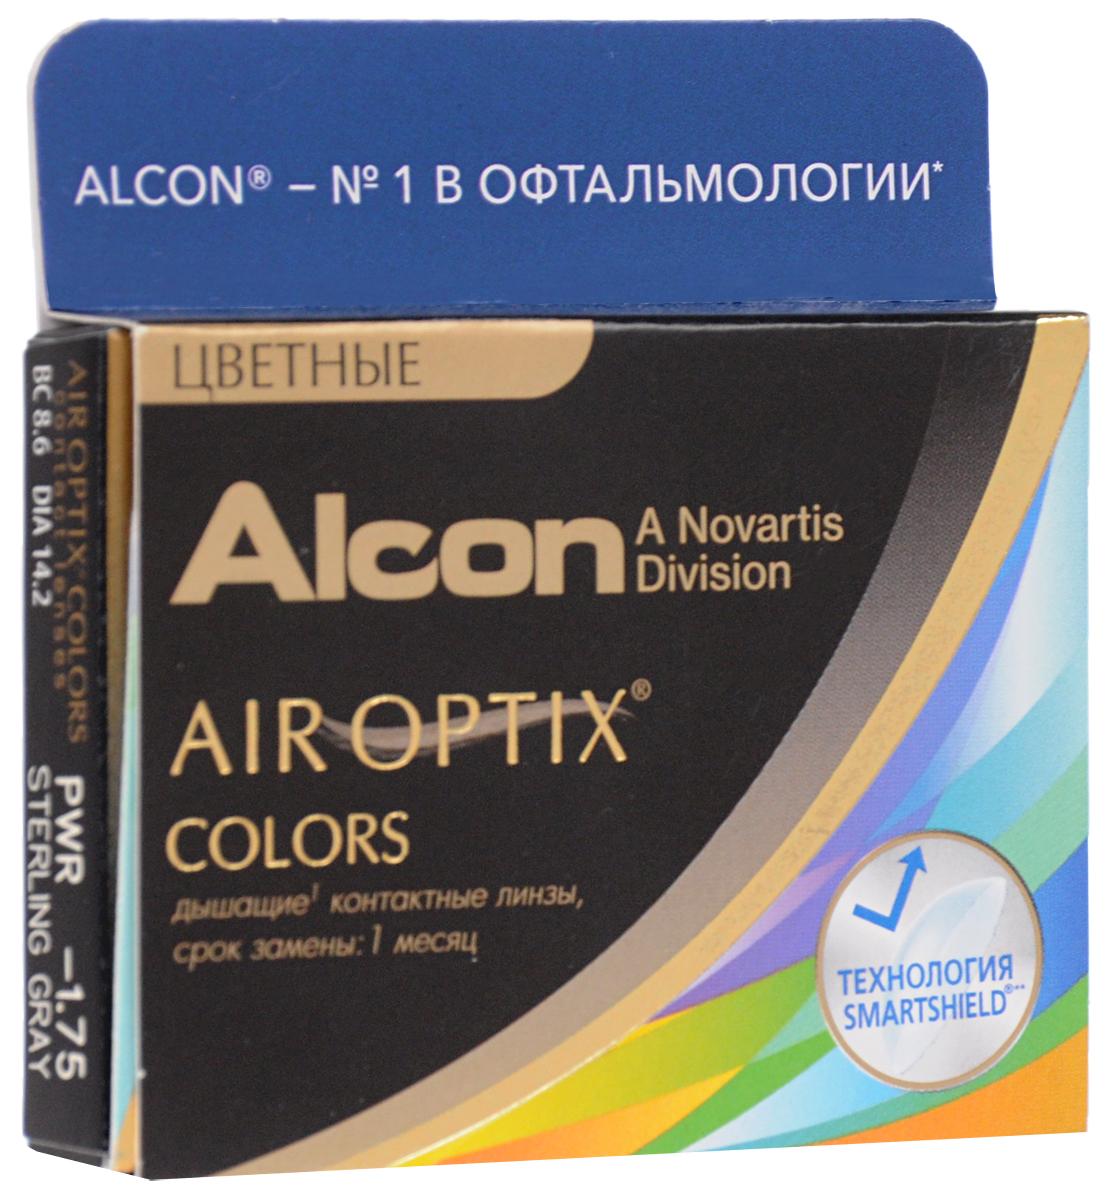 Аlcon контактные линзы Air Optix Colors 2 шт -1.75 Sterling GrayФМ000003396Мягкие контактные линзыУважаемые клиенты! Обращаем ваше внимание на возможные изменения в дизайне упаковки. Качественные характеристики товара остаются неизменными. Поставка осуществляется в зависимости от наличия на складе.Контактные линзы или очки: советы офтальмологов. Статья OZON Гид